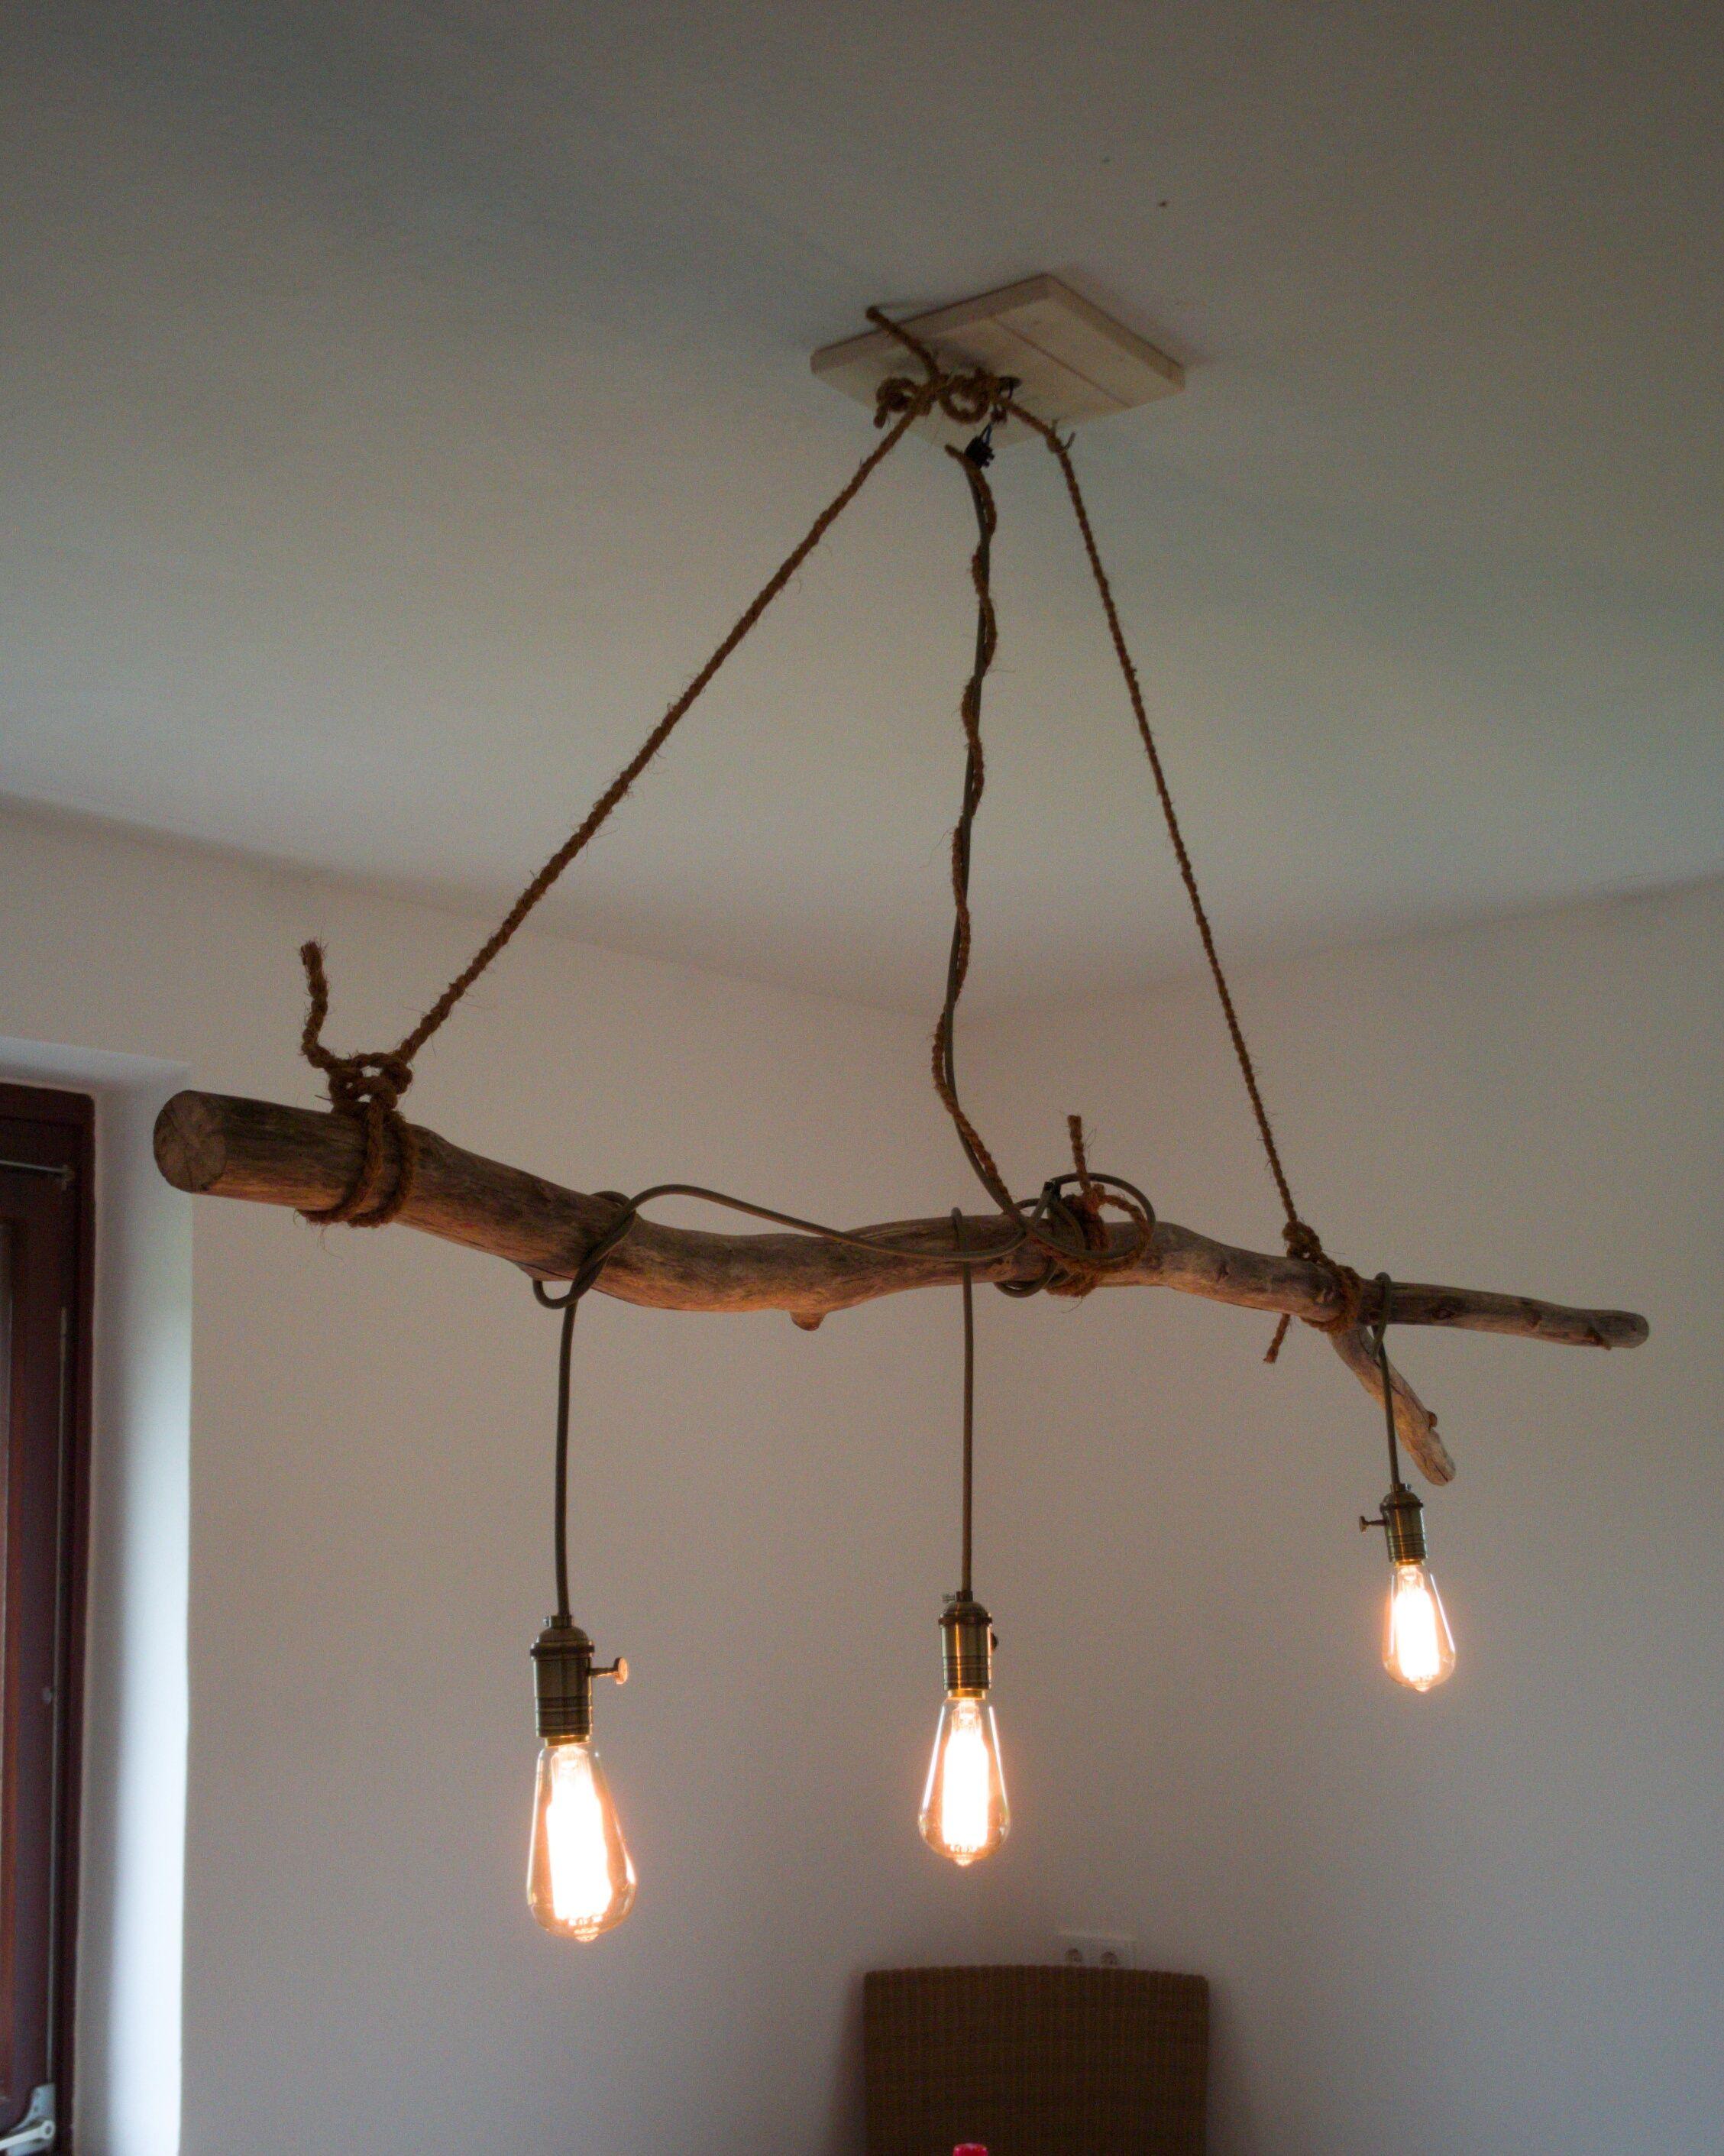 Lampe Höhenverstellbar Selber Bauen : lampe aus treibholz selbstgebaut in 2019 treibholz ~ Watch28wear.com Haus und Dekorationen